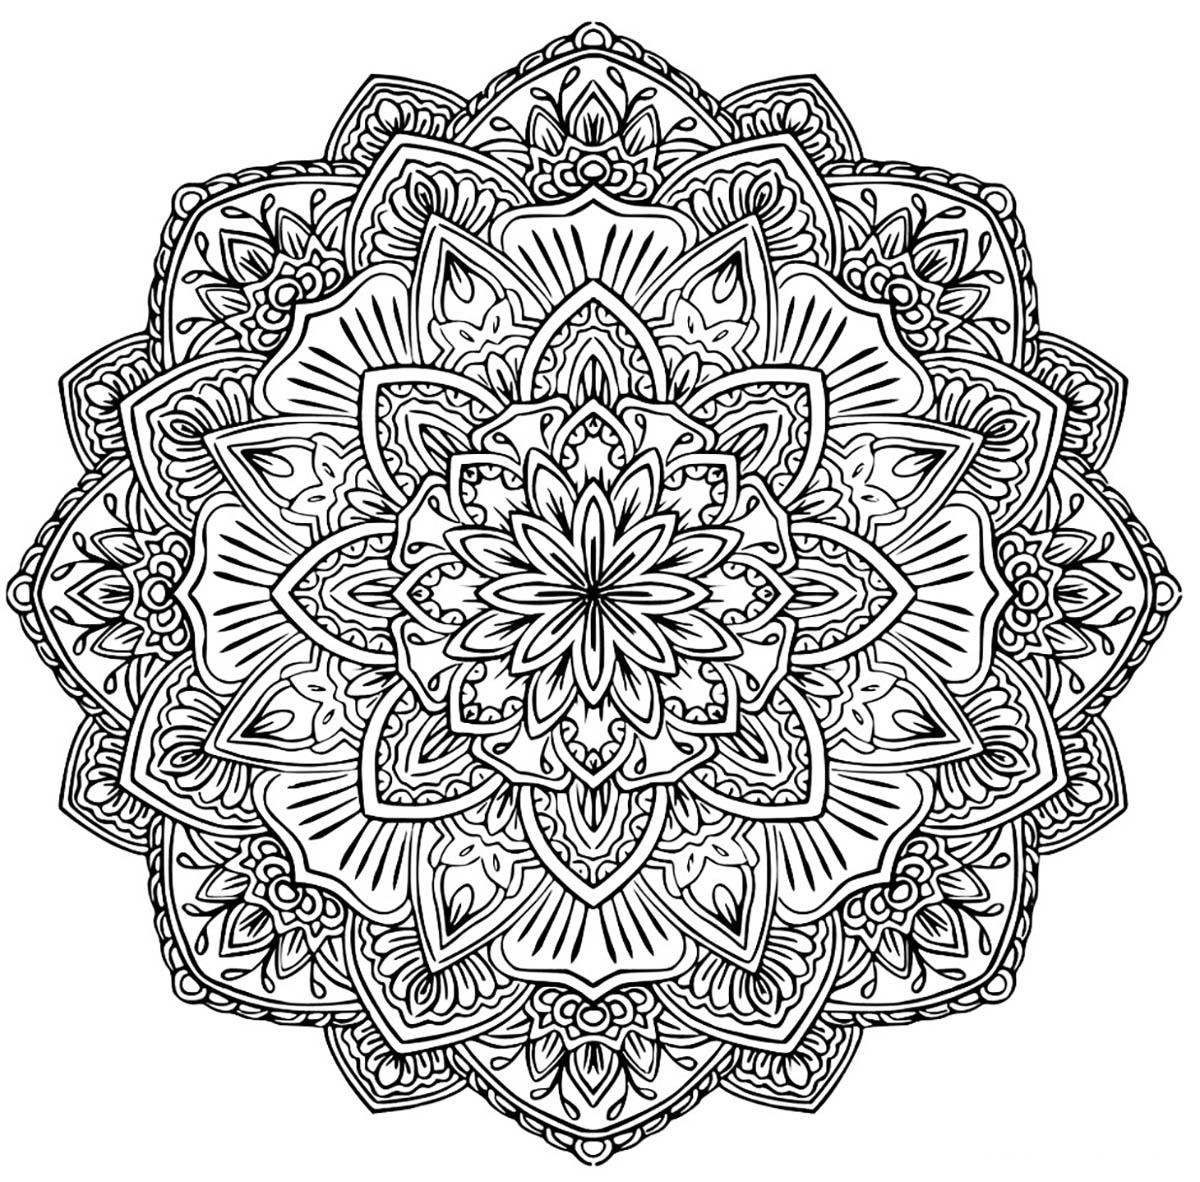 Disegni da colorare per adulti : Mandalas - 128